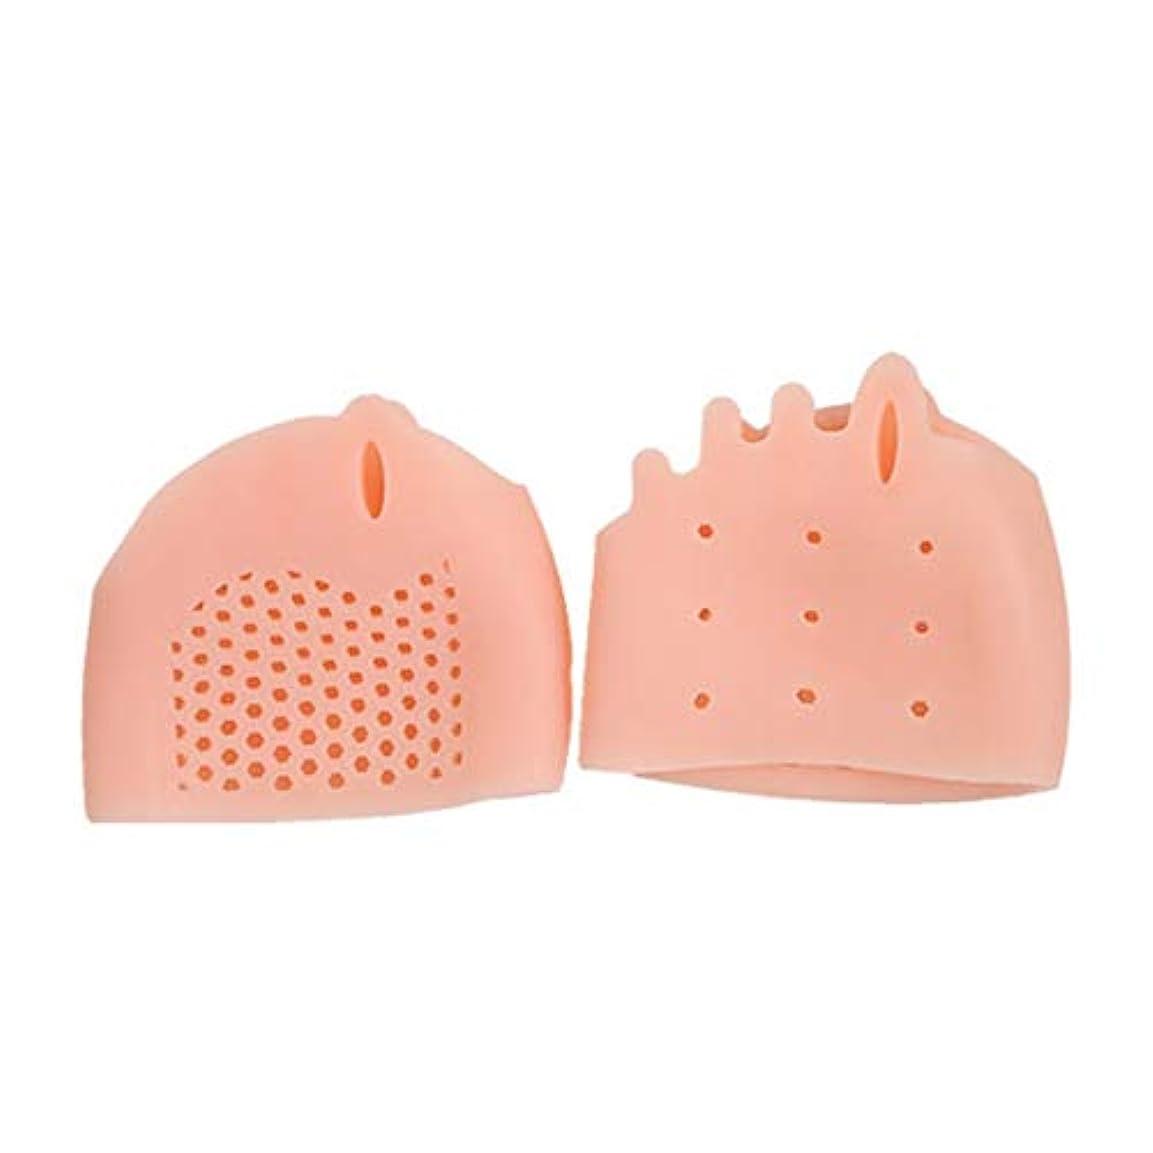 横に努力ベッドSEBS Silicone Toe Separator Honeycomb Forefoot Cushion Pad with 5 Loops Thumb Valgus Corretcor Toe Bracer Foot...